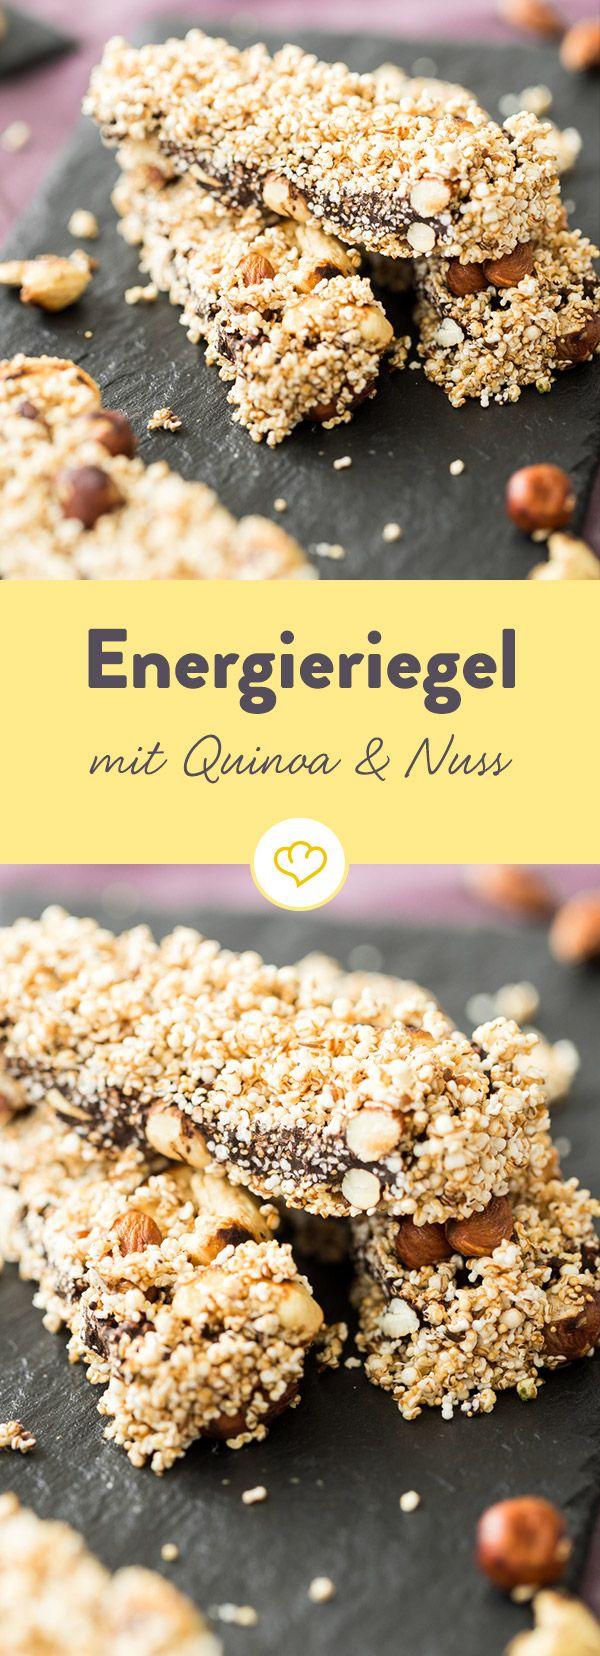 Energieriegel mit Knuspereffekt: voll gepackt mit Haselnüssen, Cashews, gepufftem Dinkel und Quinoa Pops wird er im Mund zum süßen Snack-Kracher.